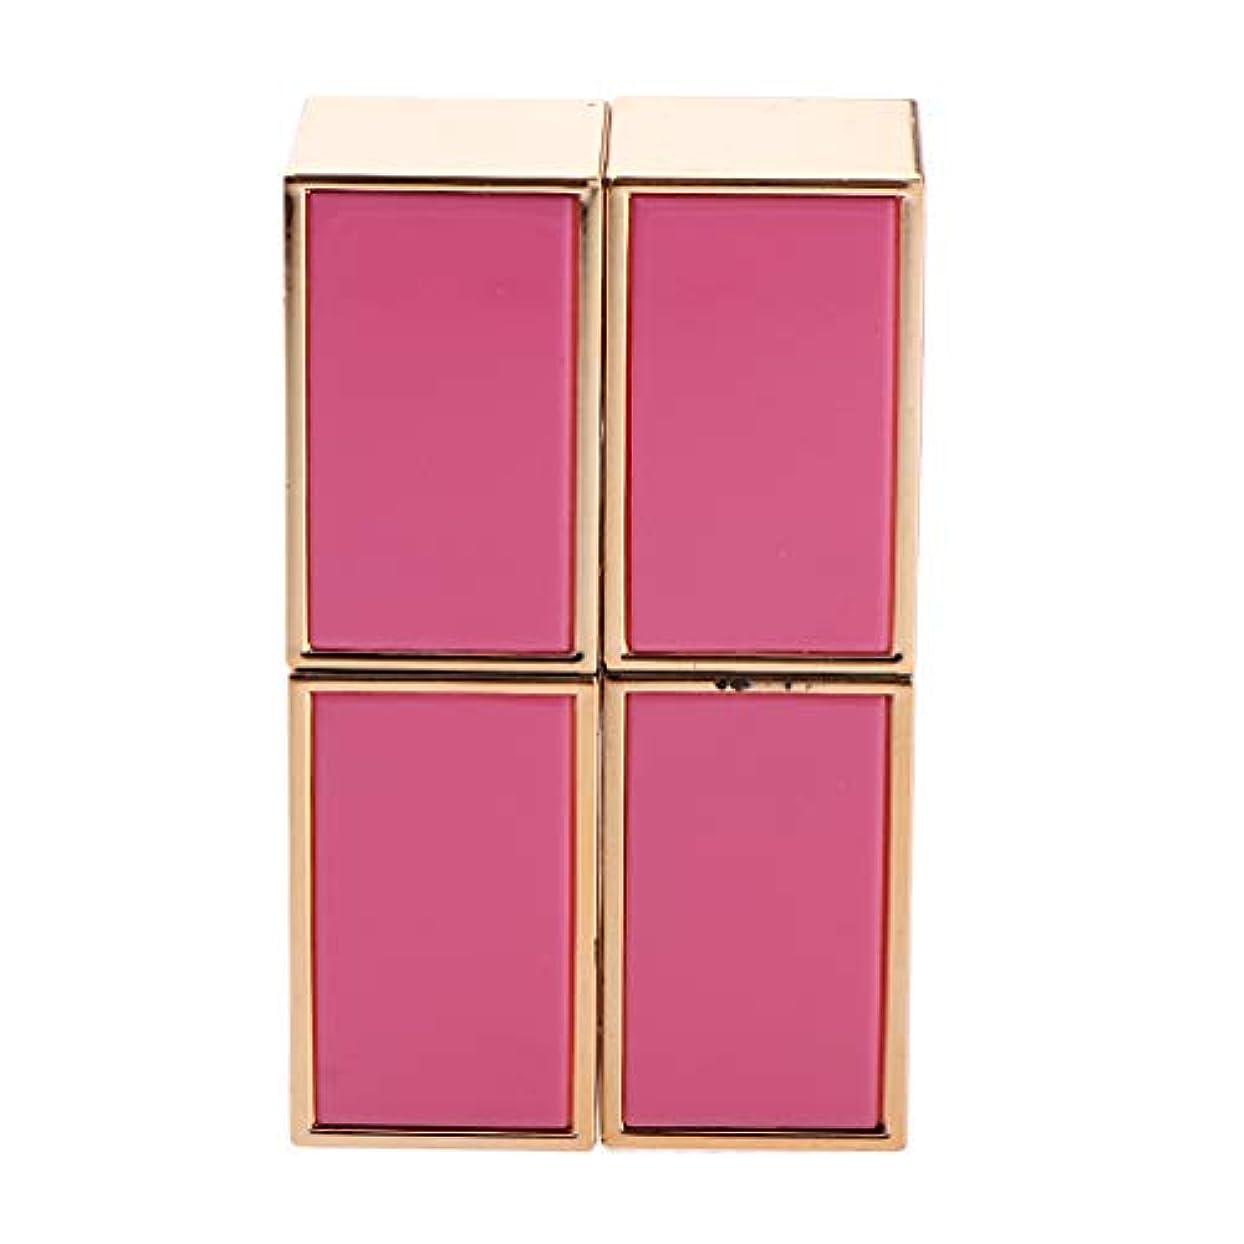 メタルラインおなじみの最初に2本 口紅管 口紅チューブ DIY リップバーム/リップスティック 手作り化粧品 2色選べ - ピンク